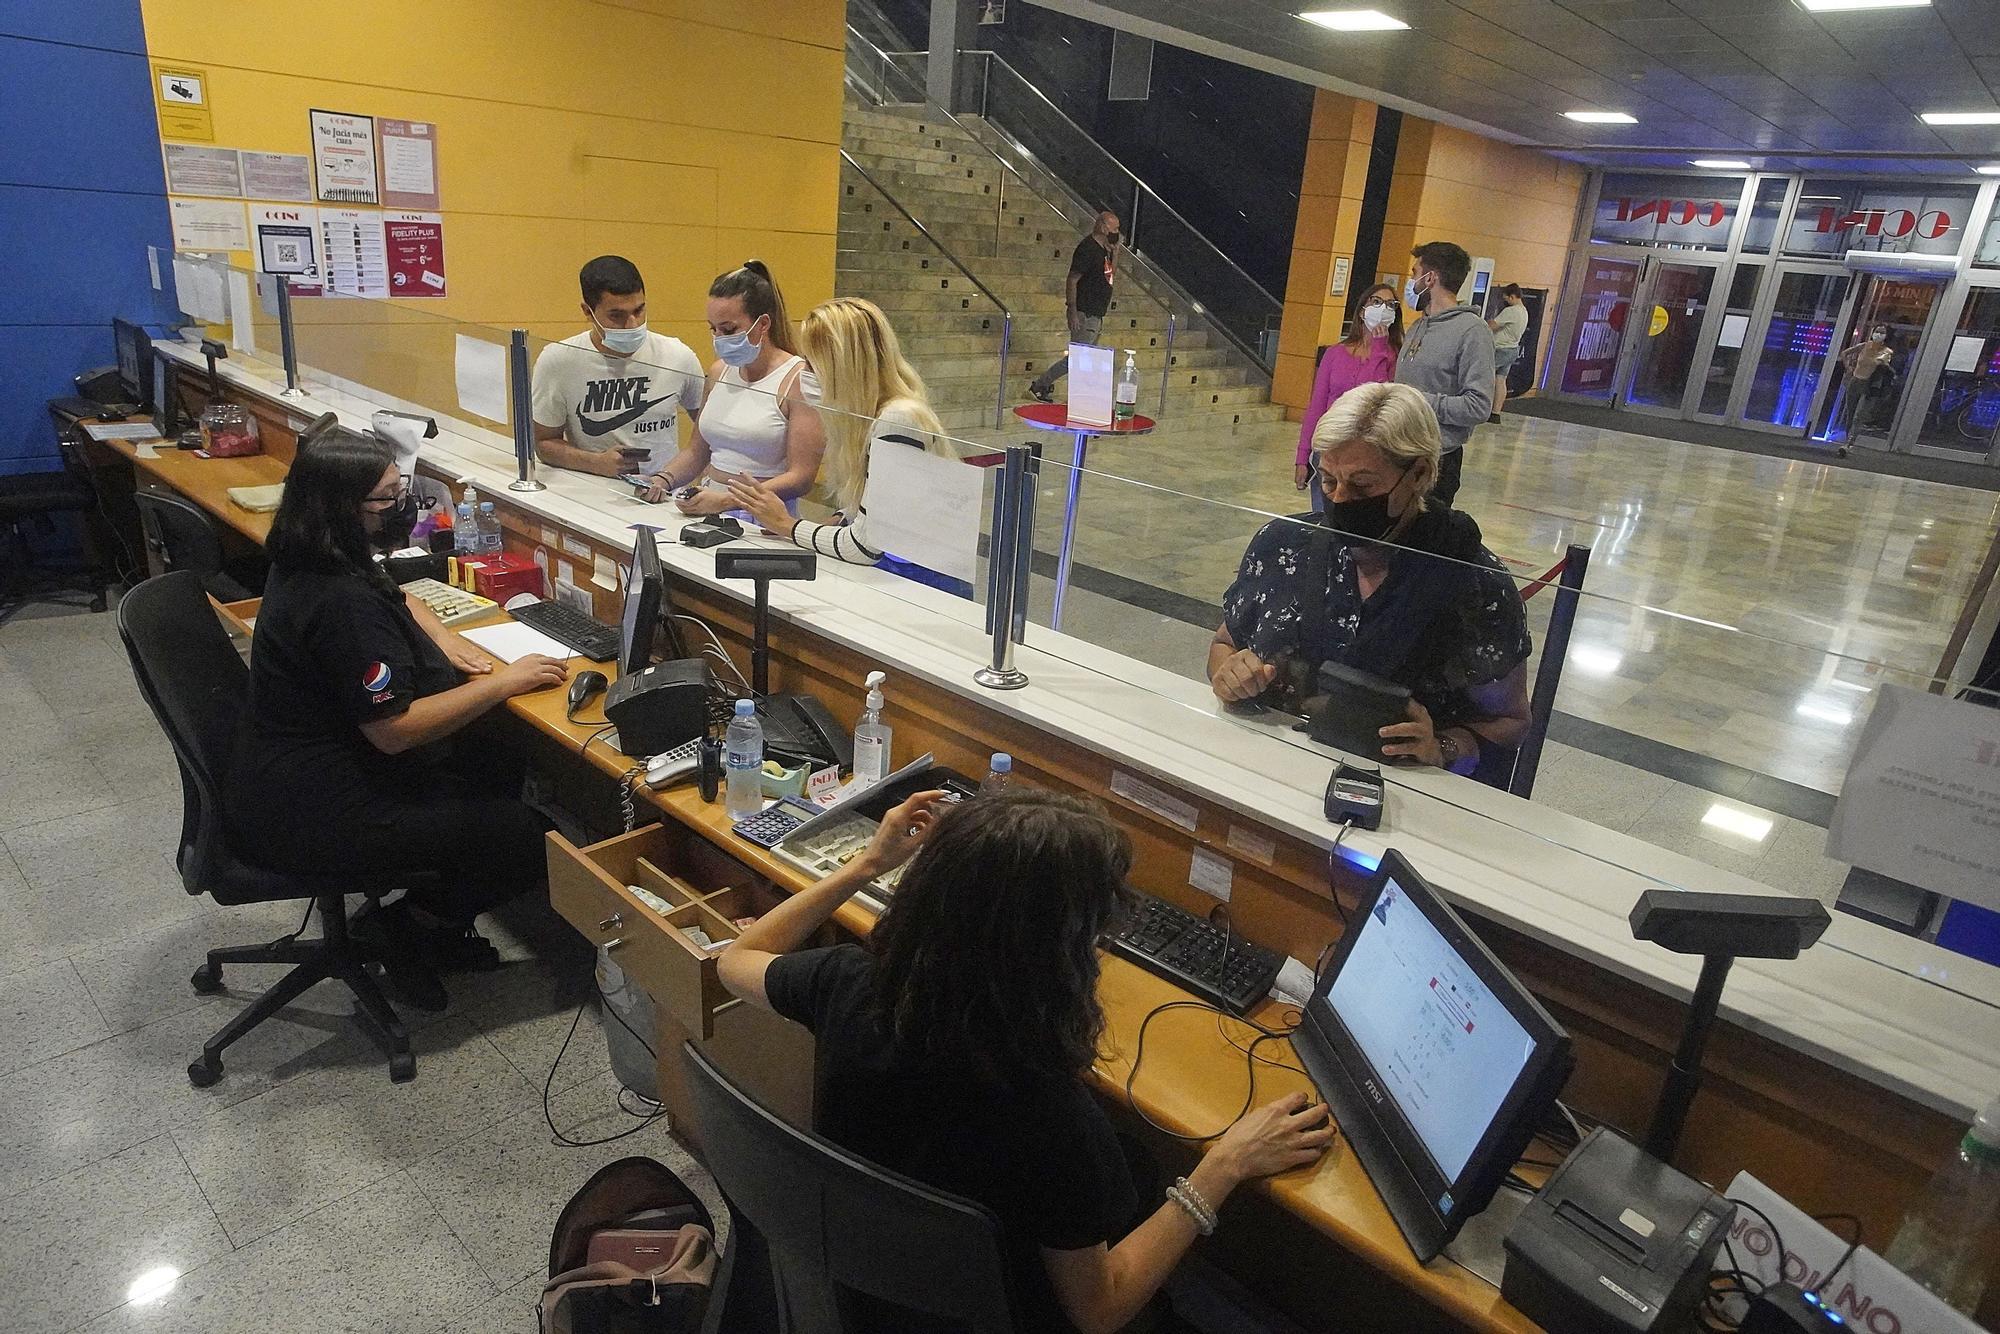 El cinema a 3'5 euros mobilitza centenars d'espectadors a Girona